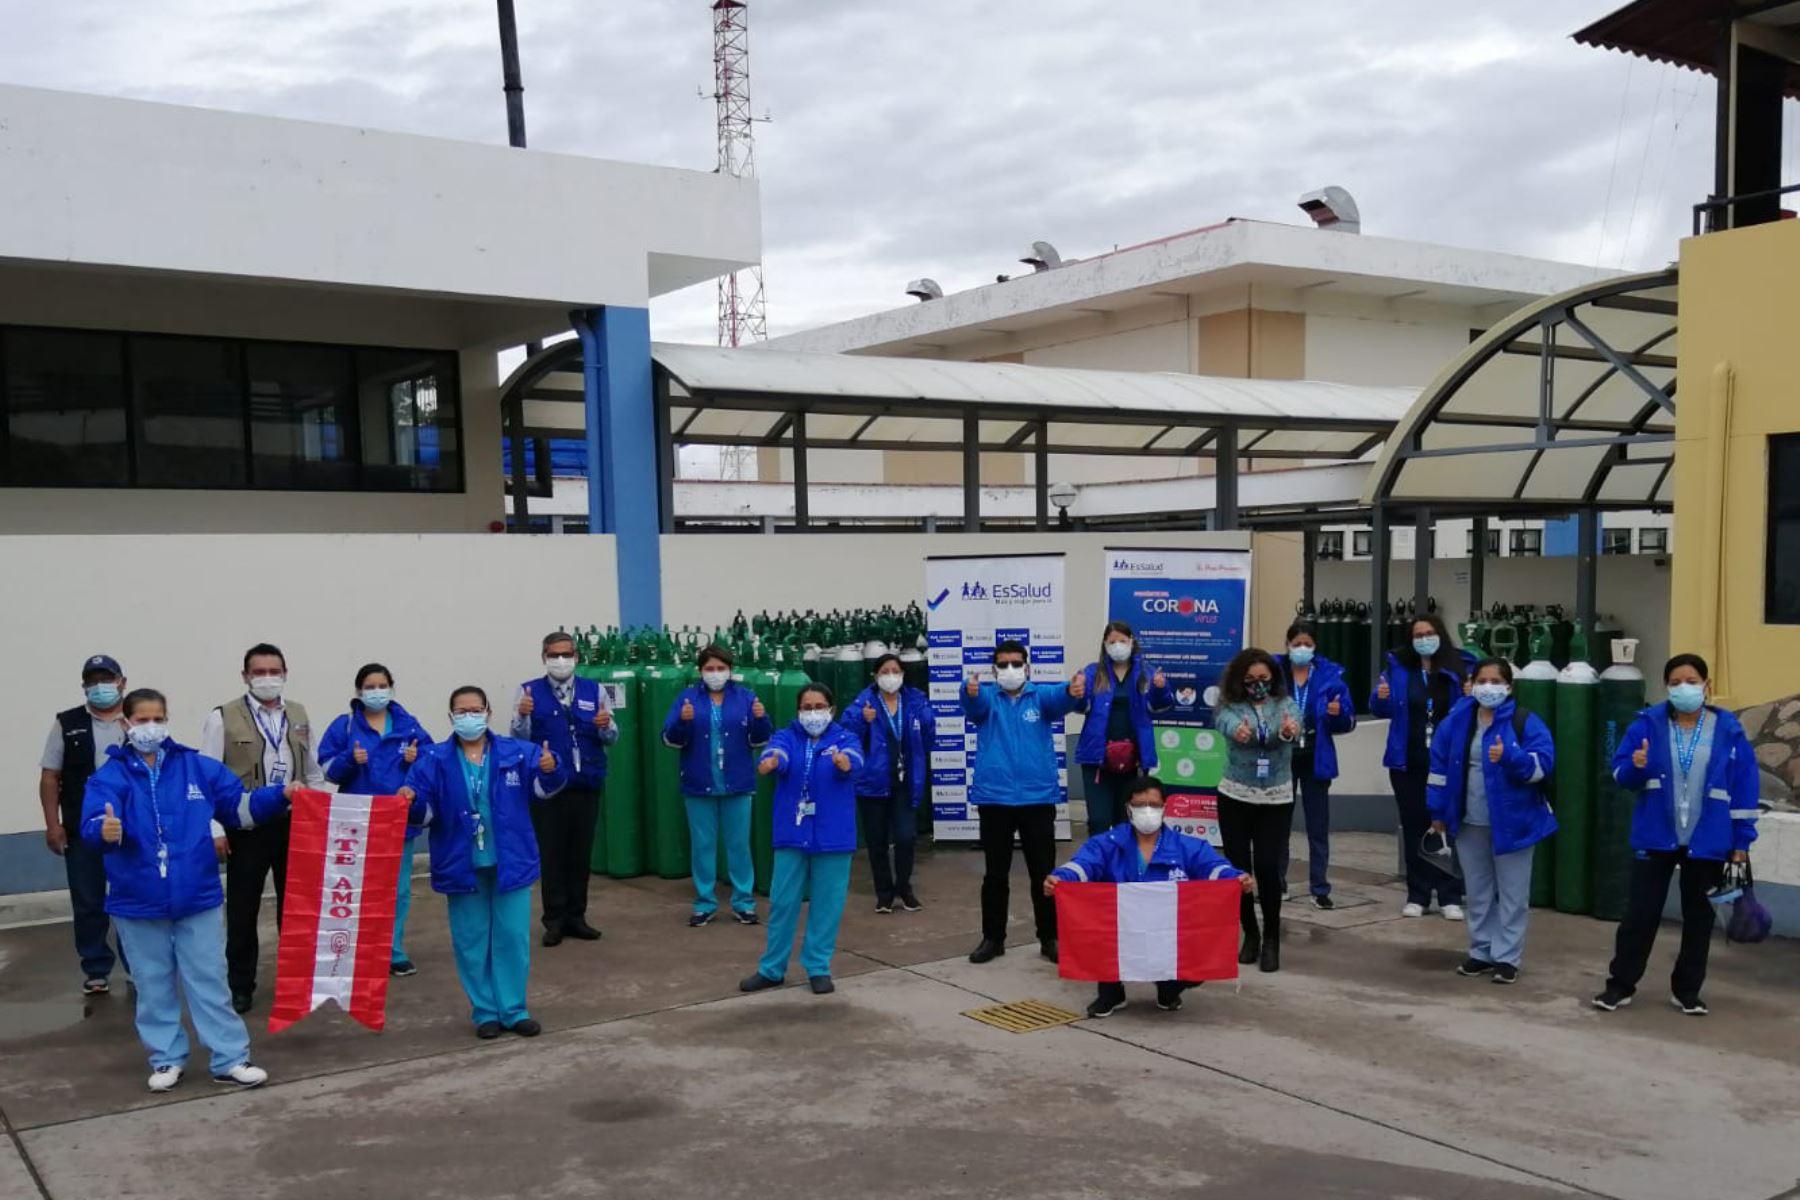 El equipo multidisciplinario permanecerá hasta el 5 de febrero a fin de reforzar las atenciones de pacientes Covid-19, cuyos casos se han incrementado en las últimas semanas en la región Ayacucho. Foto: ANDINA/Difusión